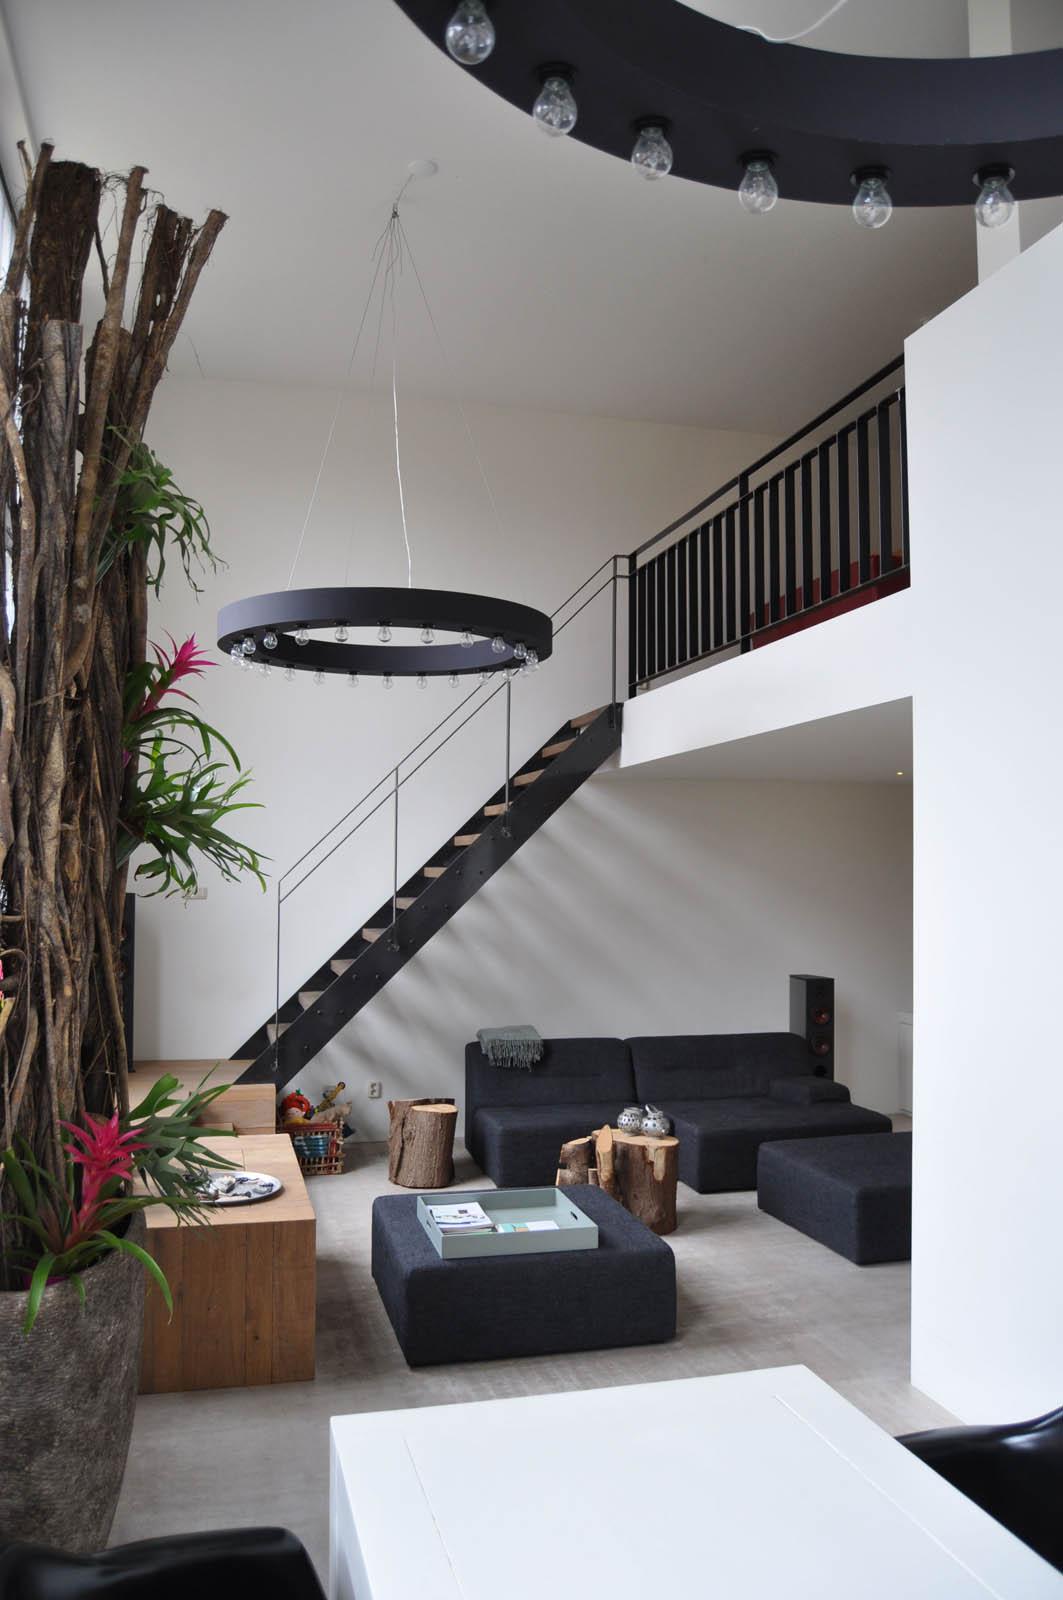 Stair, Ripperda kazerne, by Jeroen de Nijs